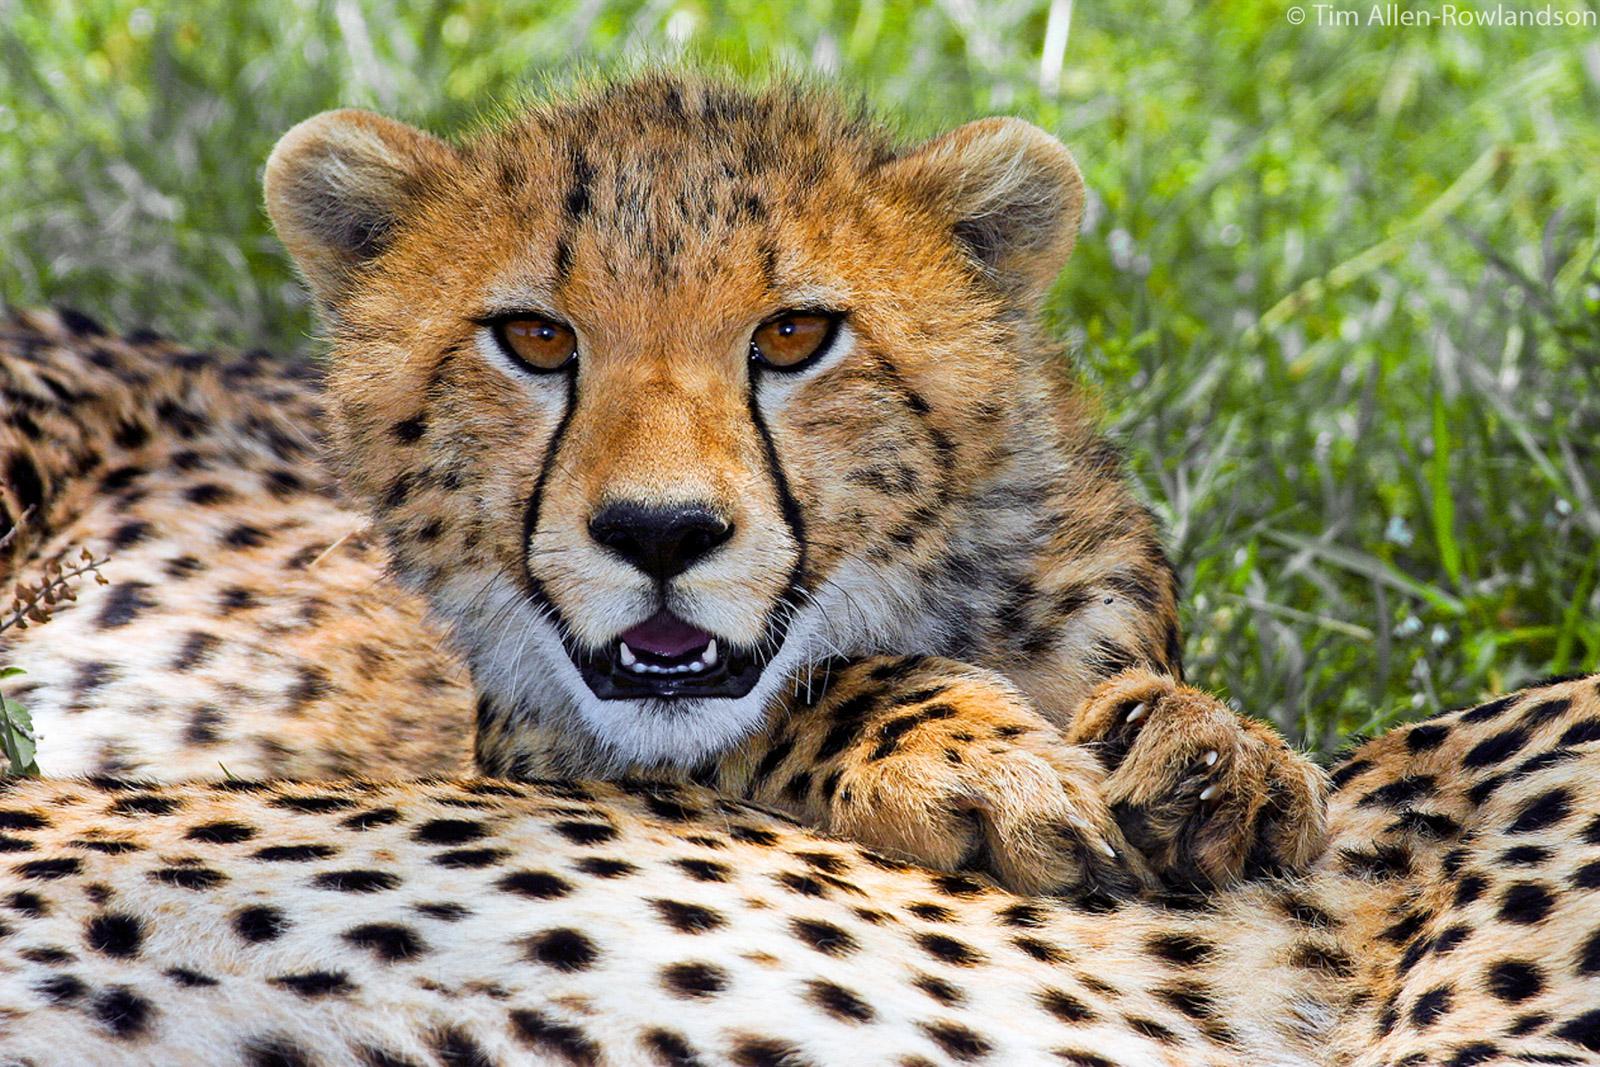 Young cheetah taking a rest on mum. Masai Mara